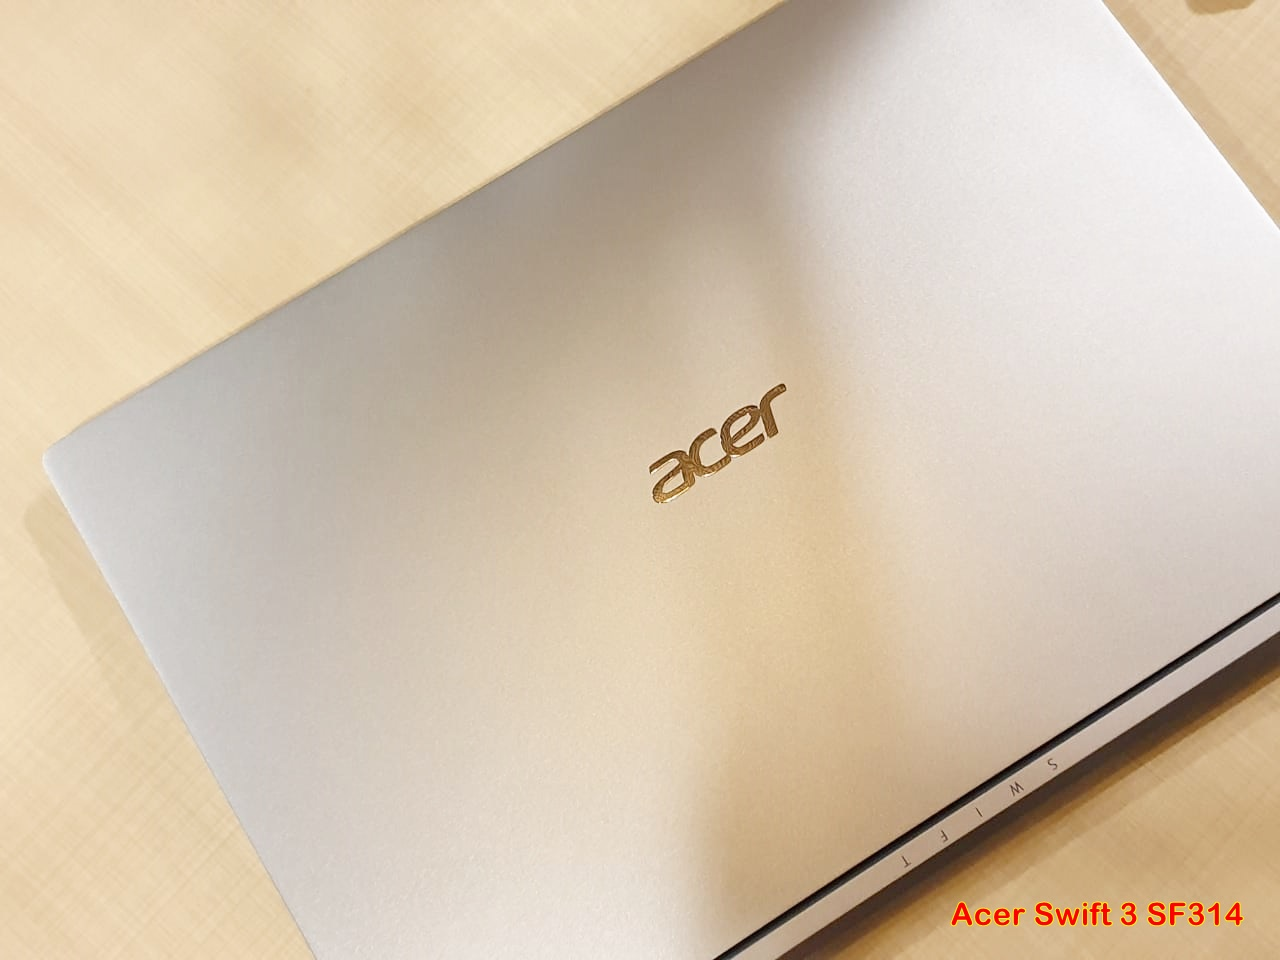 Acer Swift 3, Mendukung Mobilitas Kaum Urban dengan Baterai Tahan Lama Hingga 10 Jam